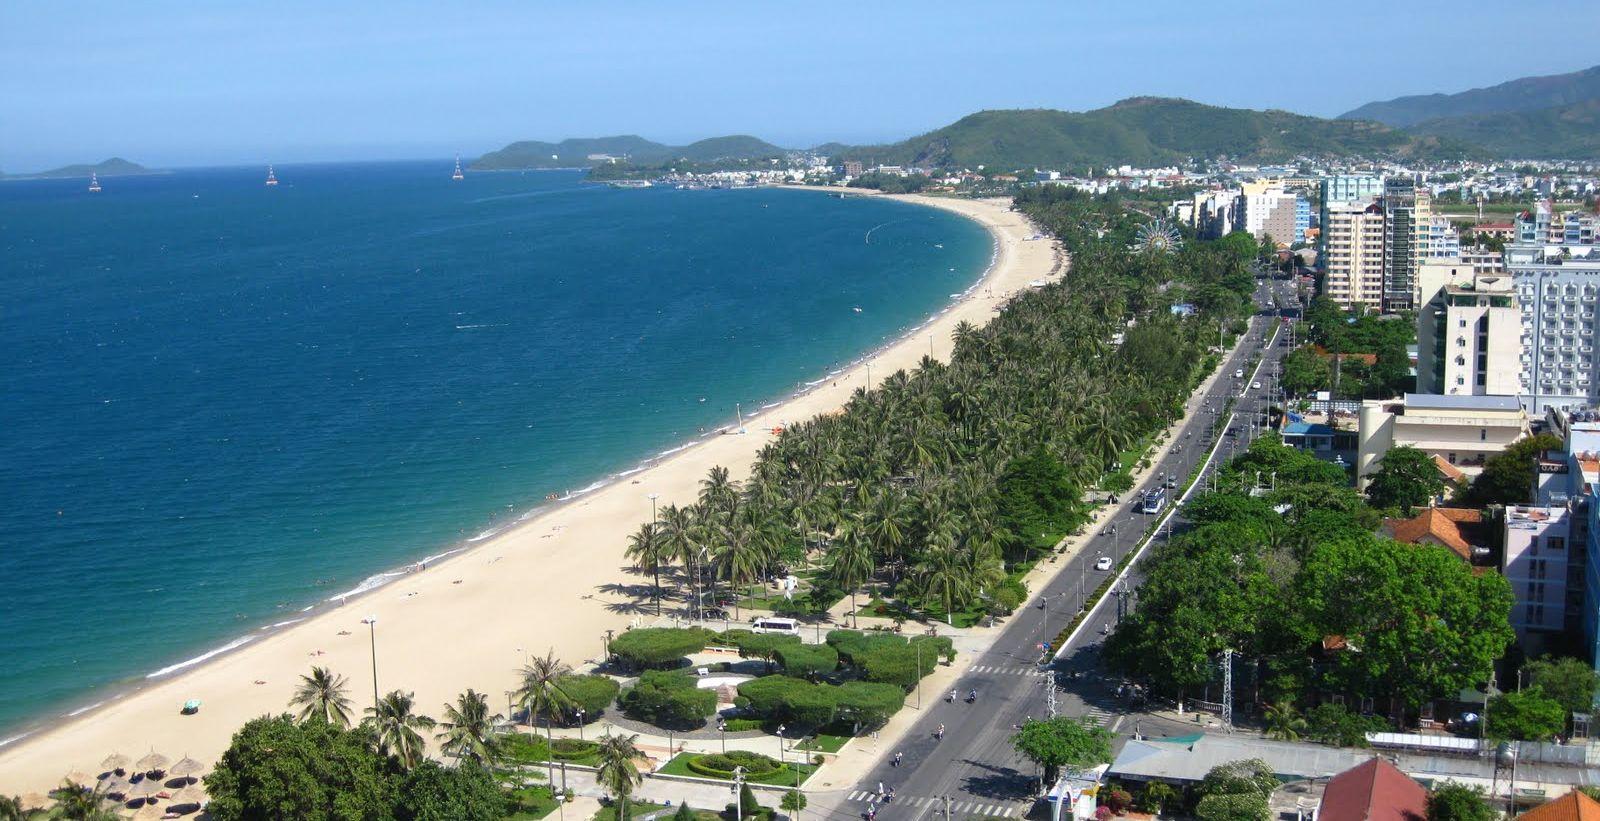 Découvrez la ville de Nha Trang dans le Sud du Vietnam